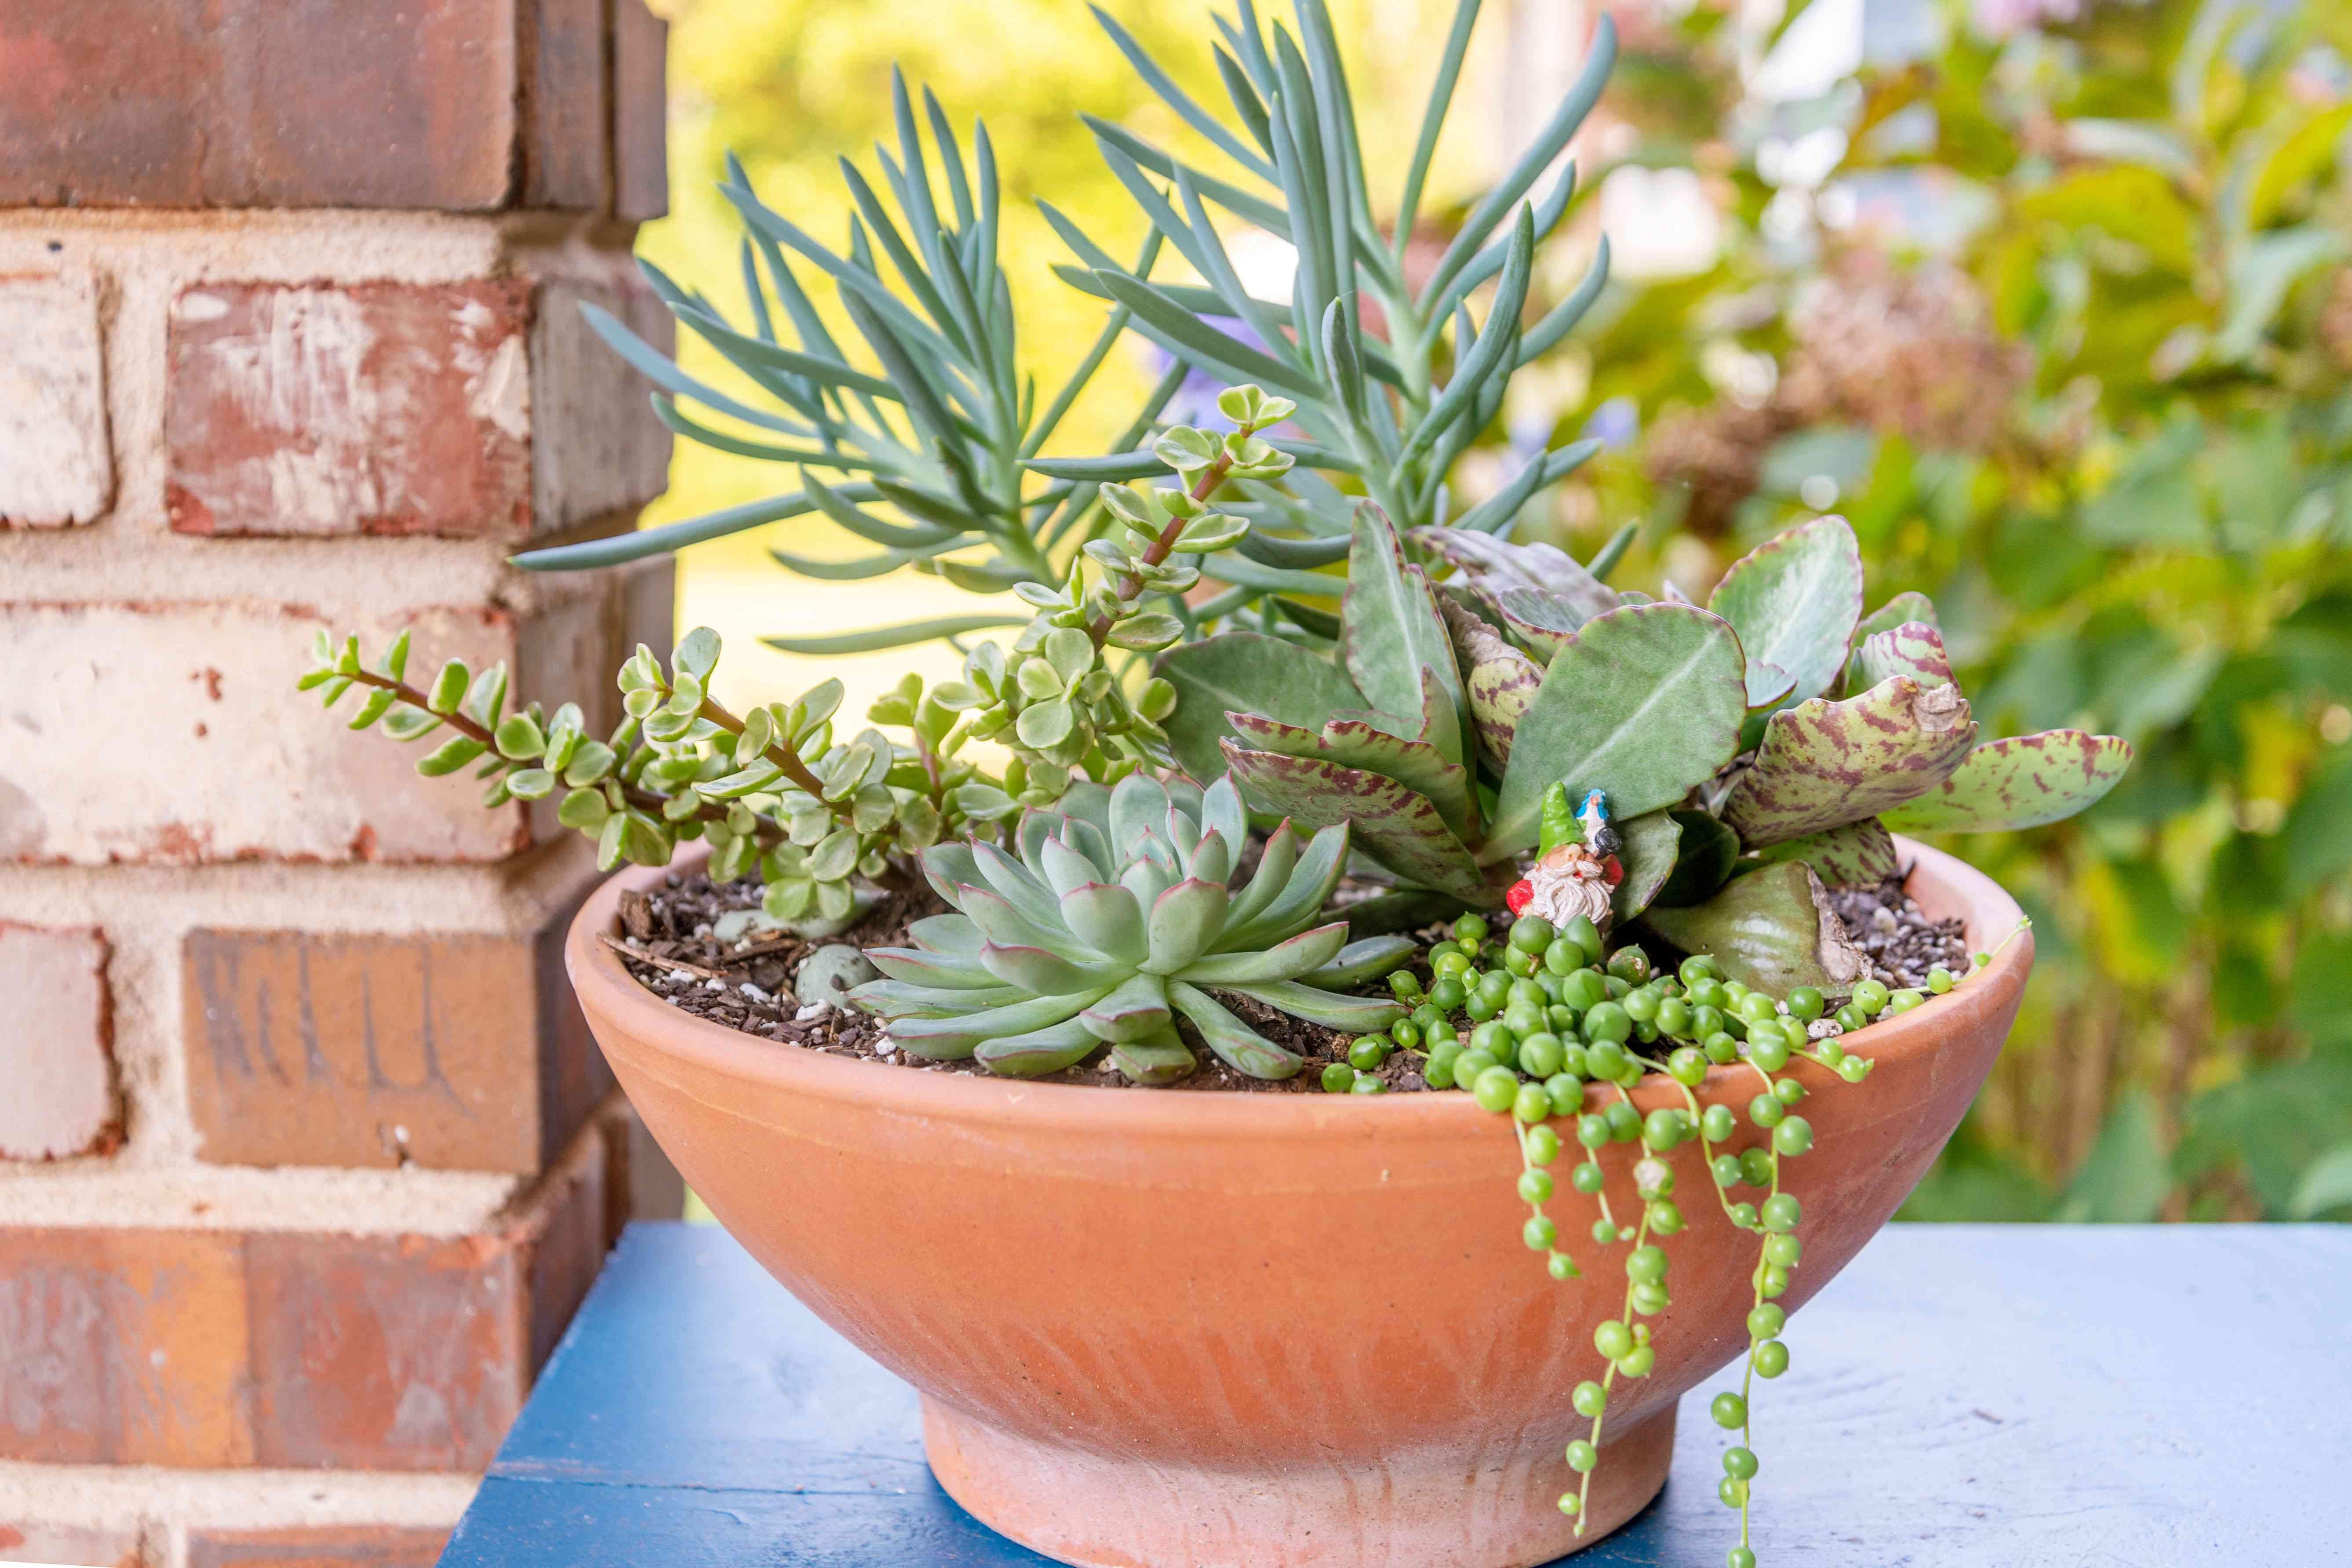 Debbie Wolfe's succulent pot